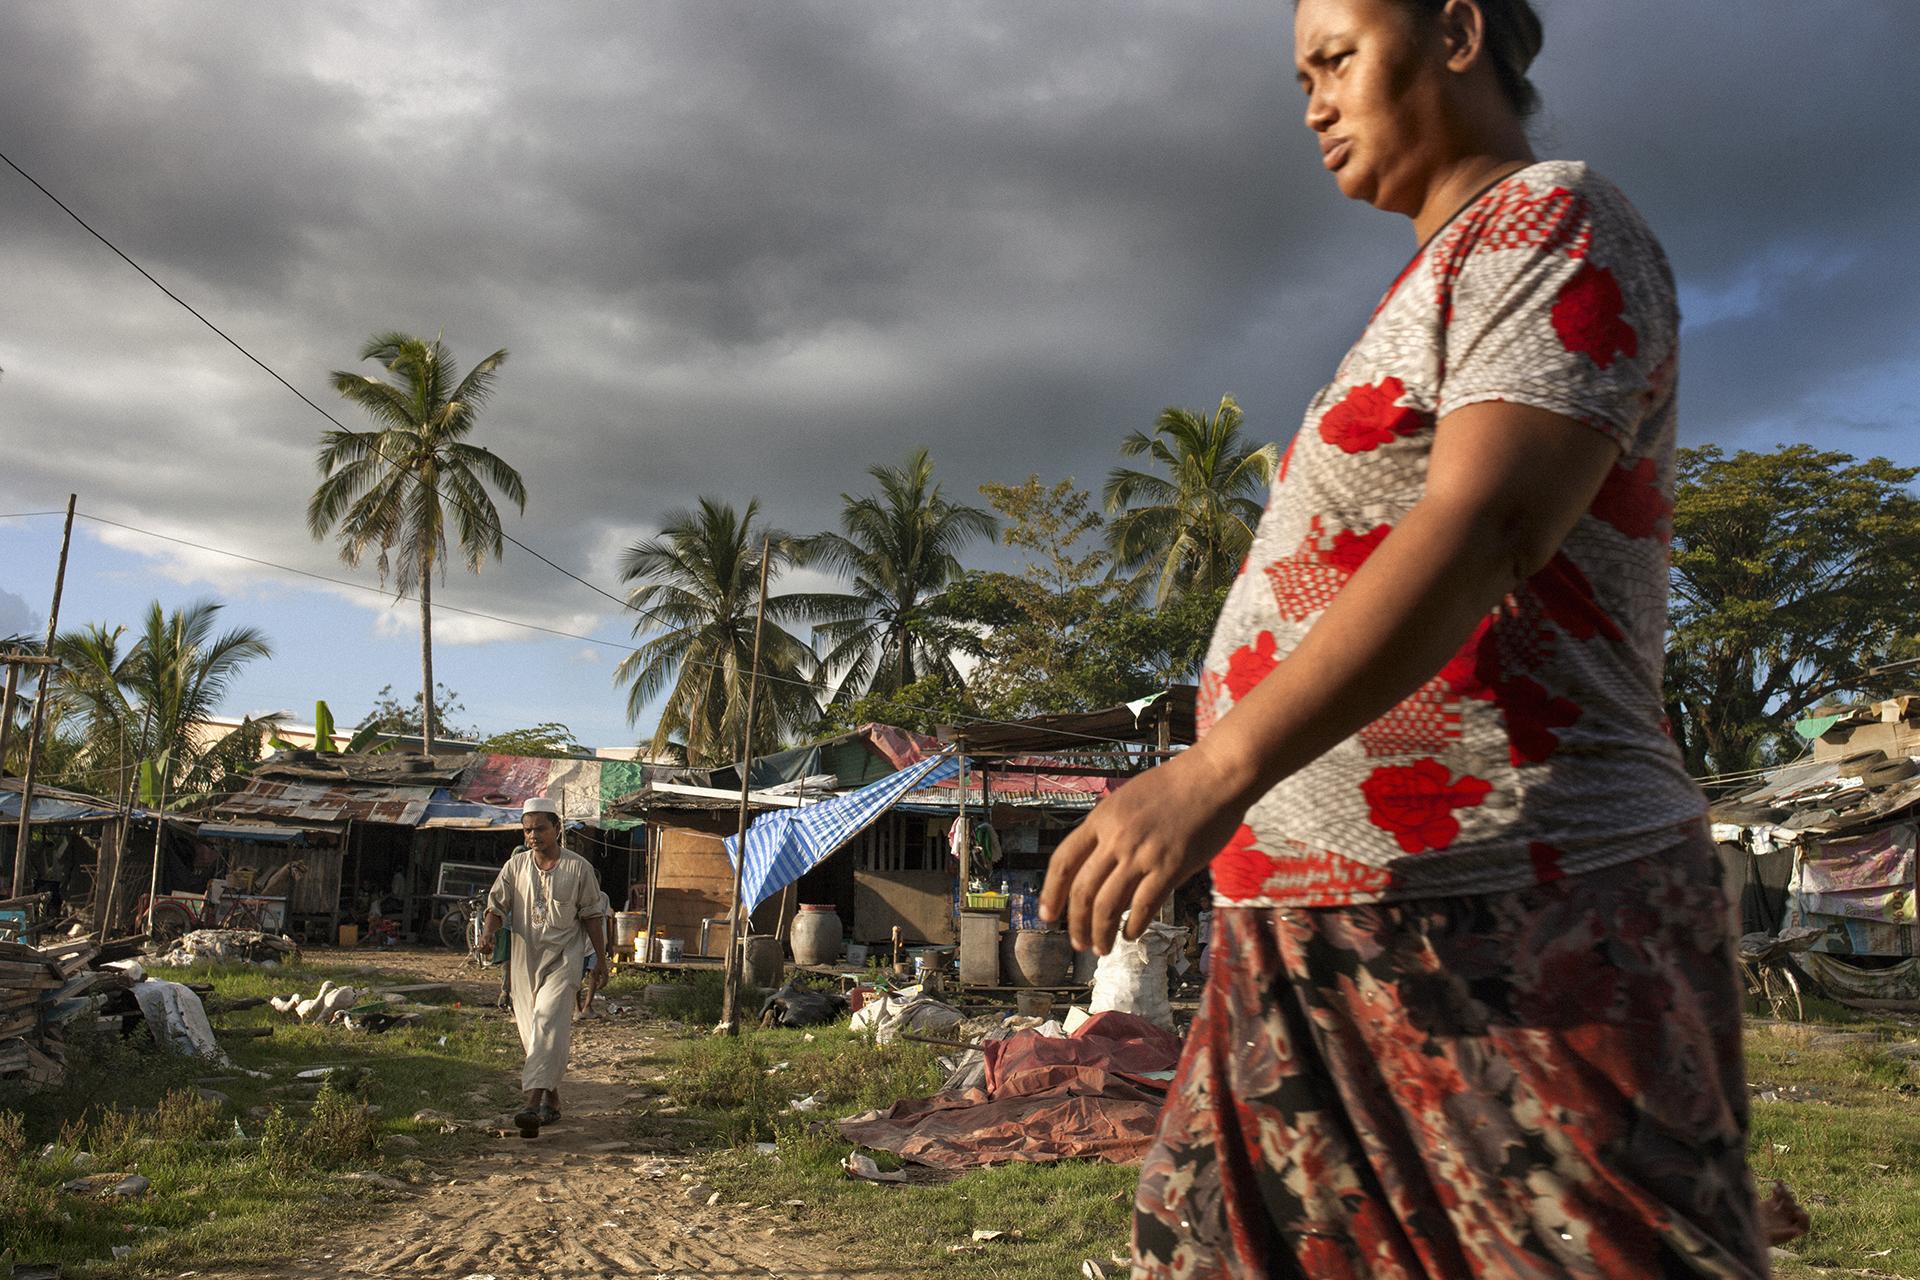 Ce bidonville est situé derrière l'une des cinq mosquées de la ville. Il est habité par des Birmans musulmans qui forment la communauté la plus pauvre à Mae Sot. Ceux-ci sont souvent cantonnés aux travaux de ramassage et de tri des déchets. Néanmoins, les relations entre les communautés bouddhistes et musulmanes sont y bonnes, contrairement aux tensions inter-confessionnelles qui ont cours en Birmanie. Mae Sot, Thaïlande, novembre 2014